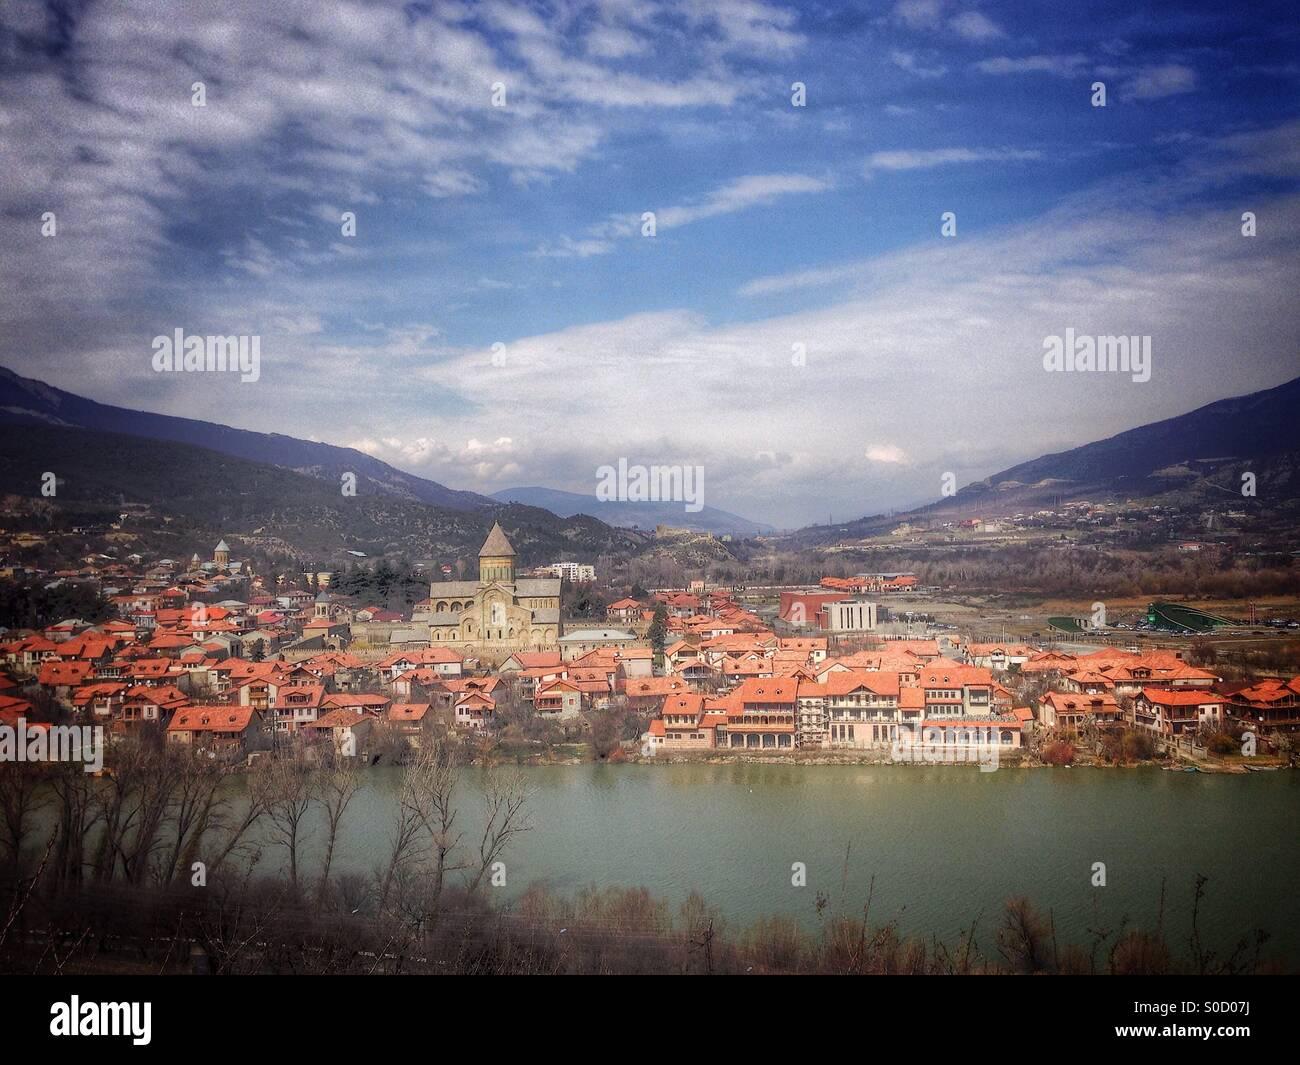 Mtskheta town Georgia, Asia. Stock Photo